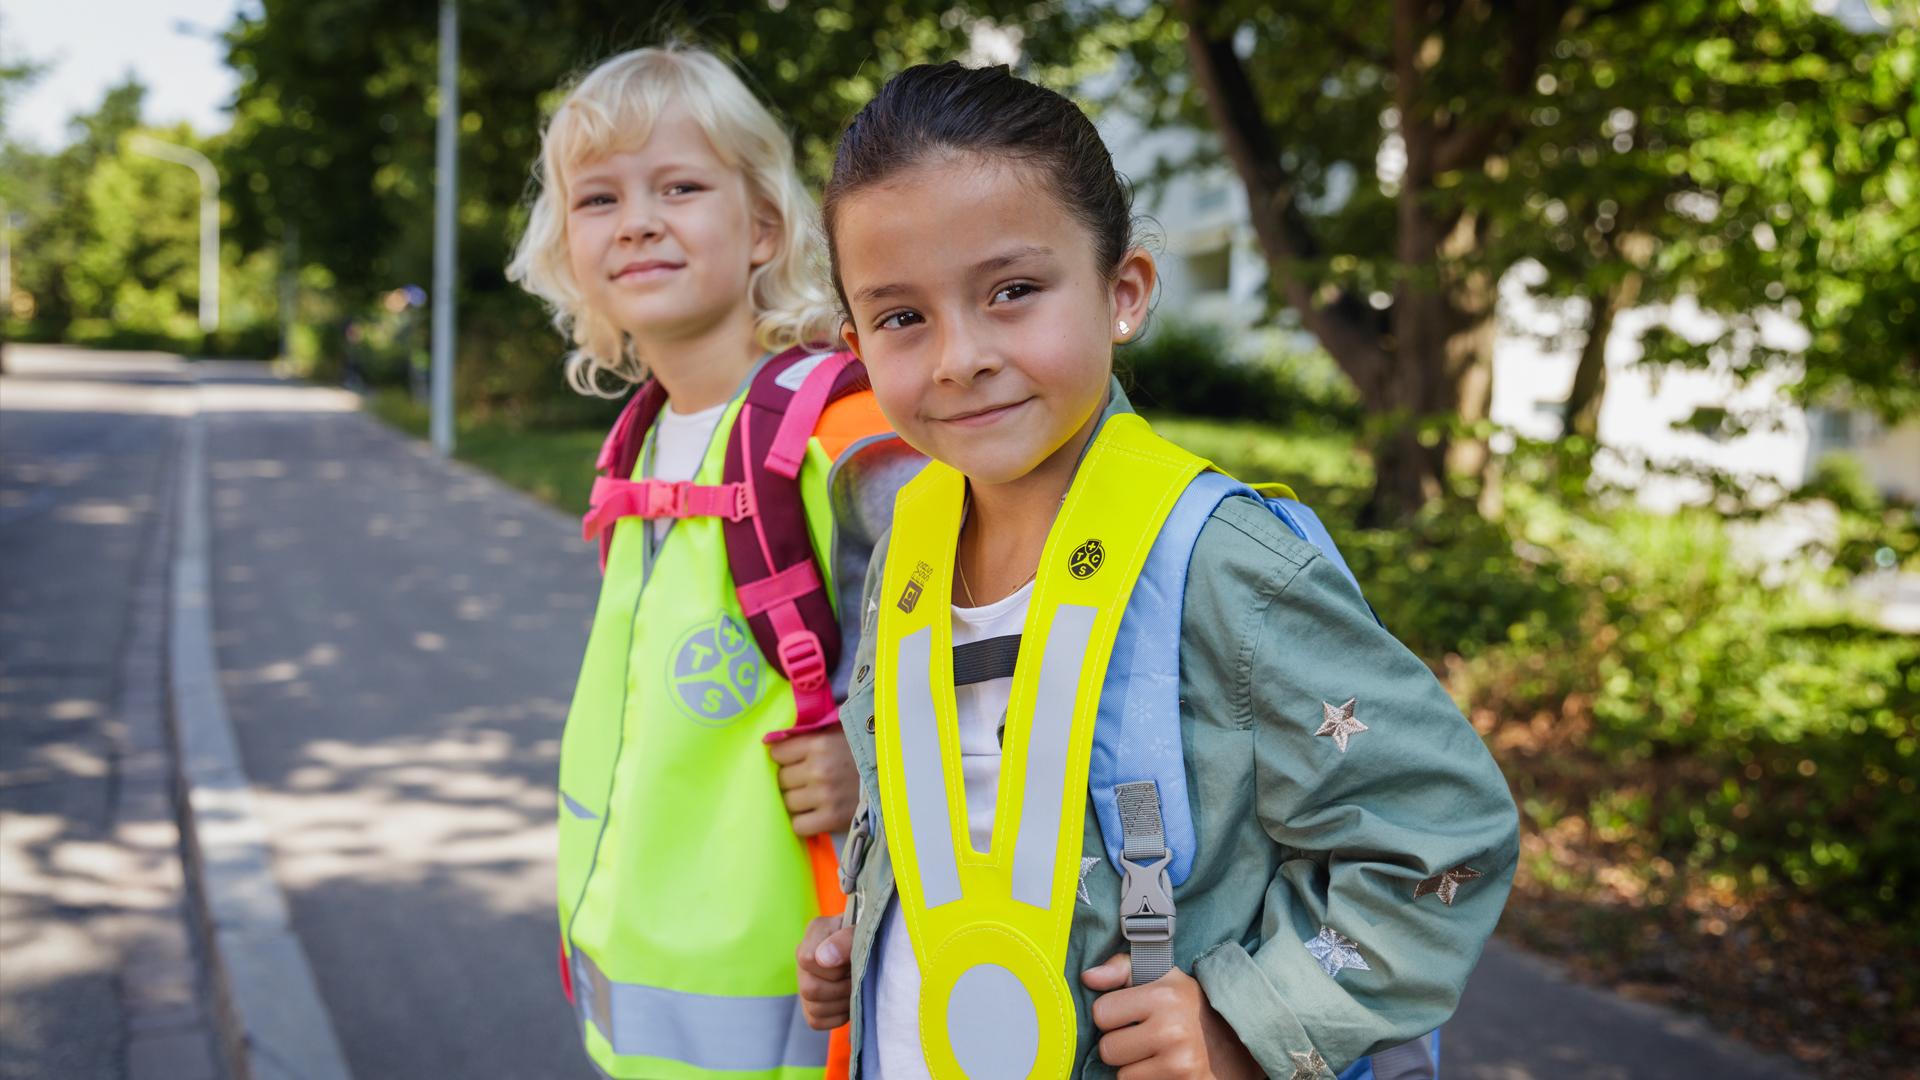 Sicurezza nel tragitto casa-scuola: due bambine con gilet riflettente e pettorina catarifrangente (triki)